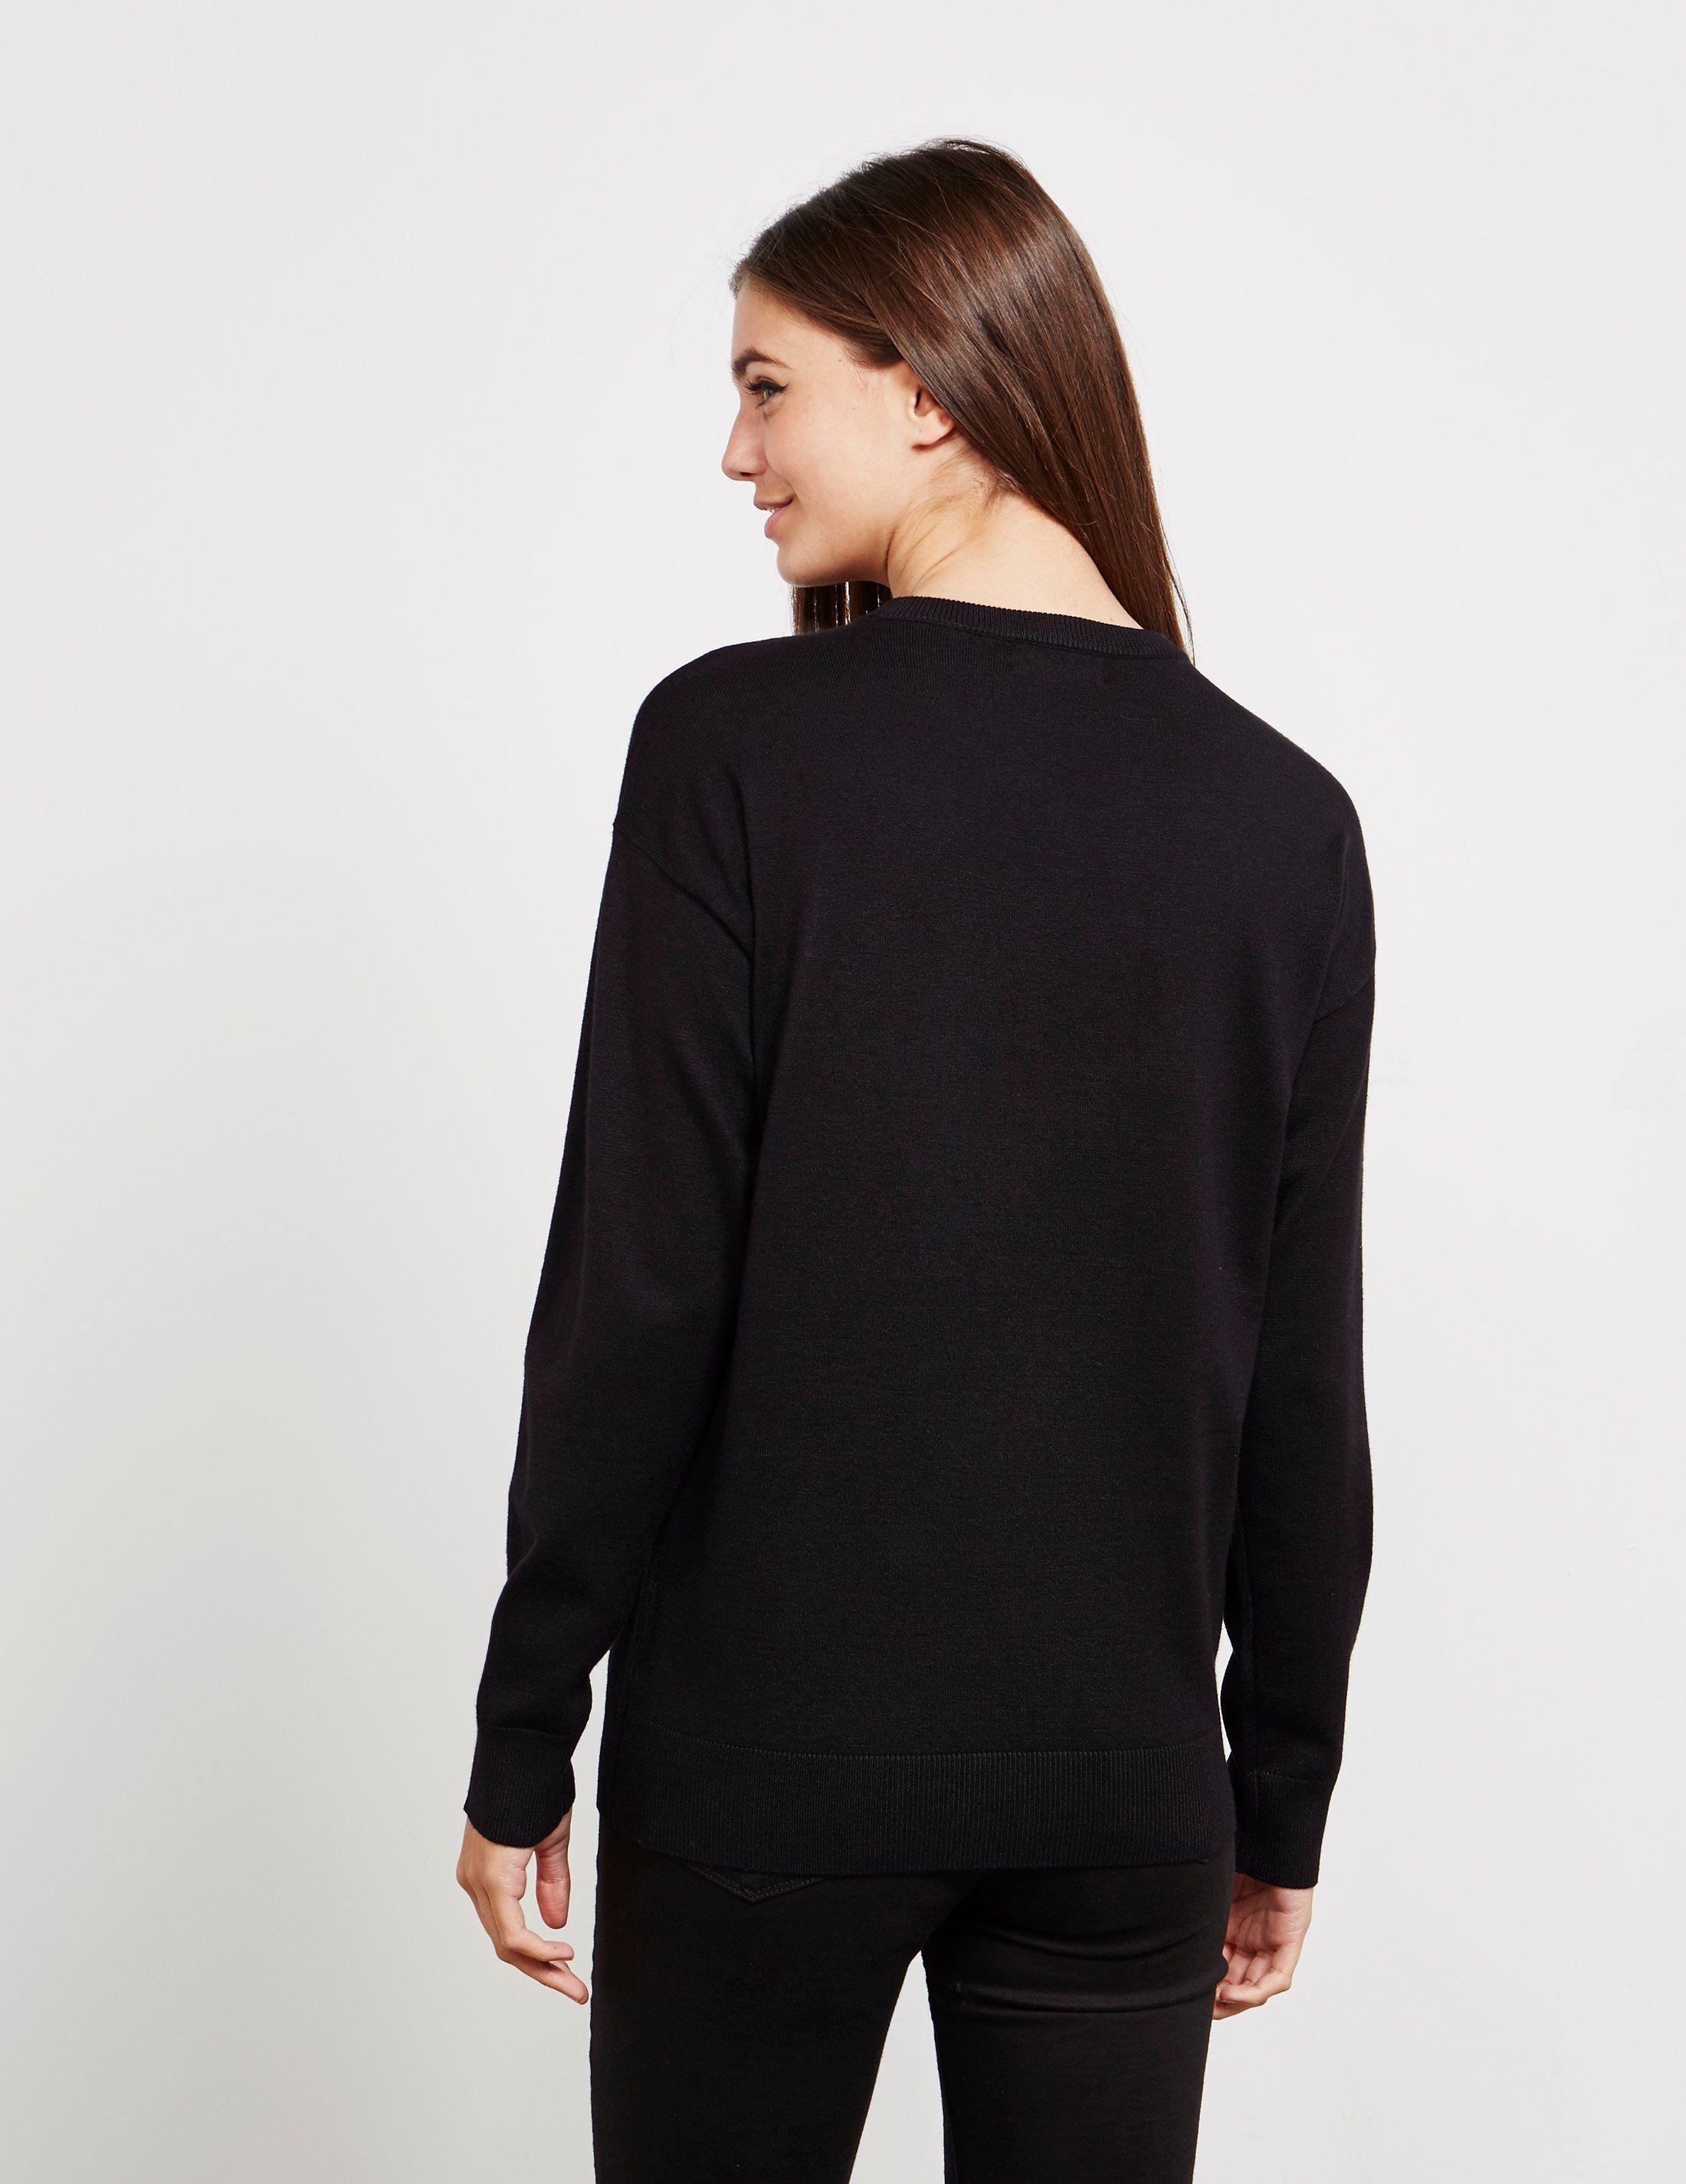 DKNY Heatset Long Sleeve Jumper